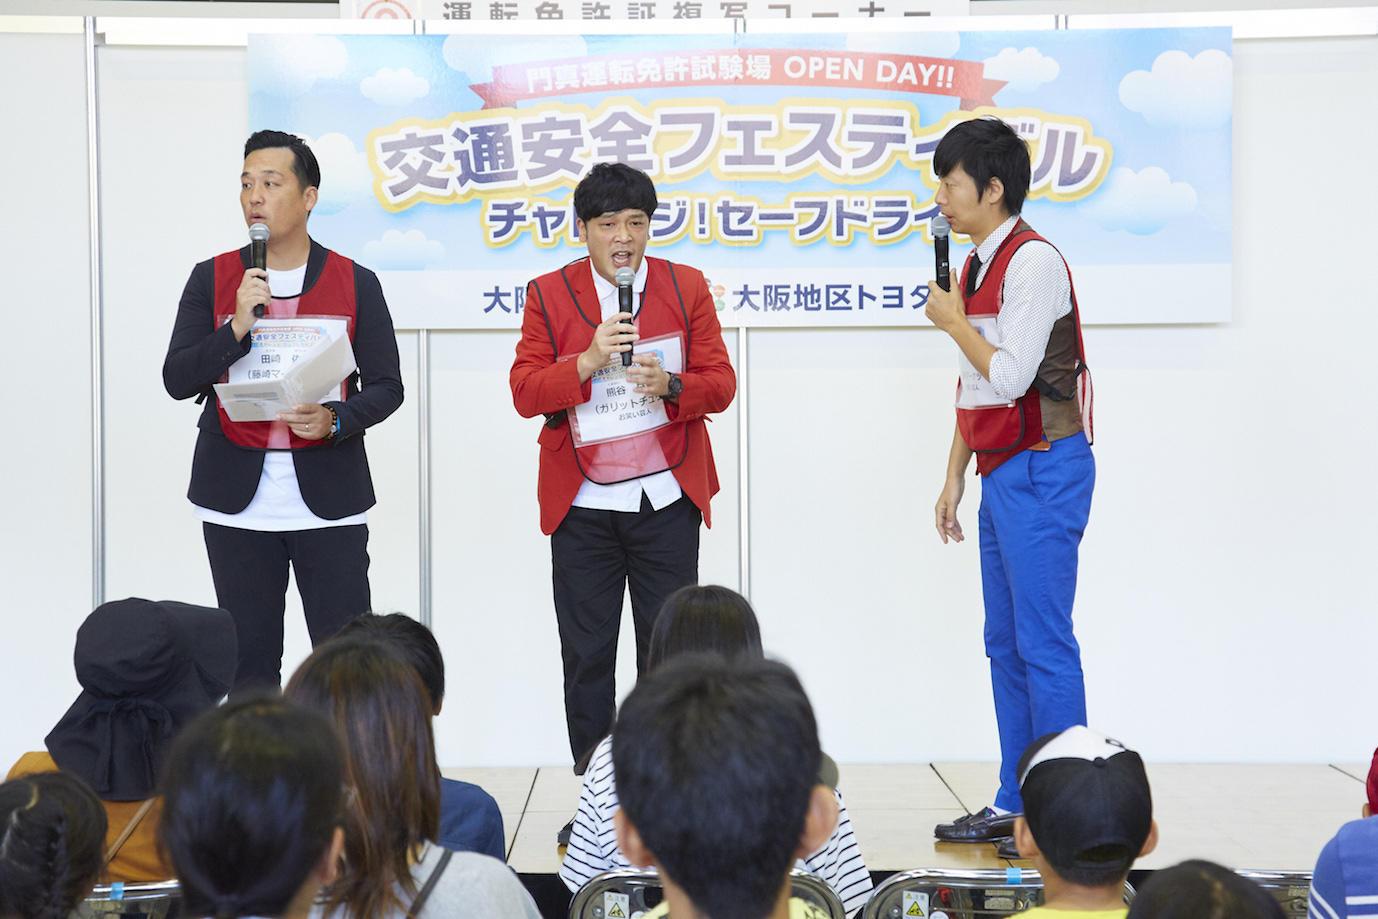 http://news.yoshimoto.co.jp/20181012085912-062c2dccda5602b22f081a47dd392fd3b943ec49.jpg